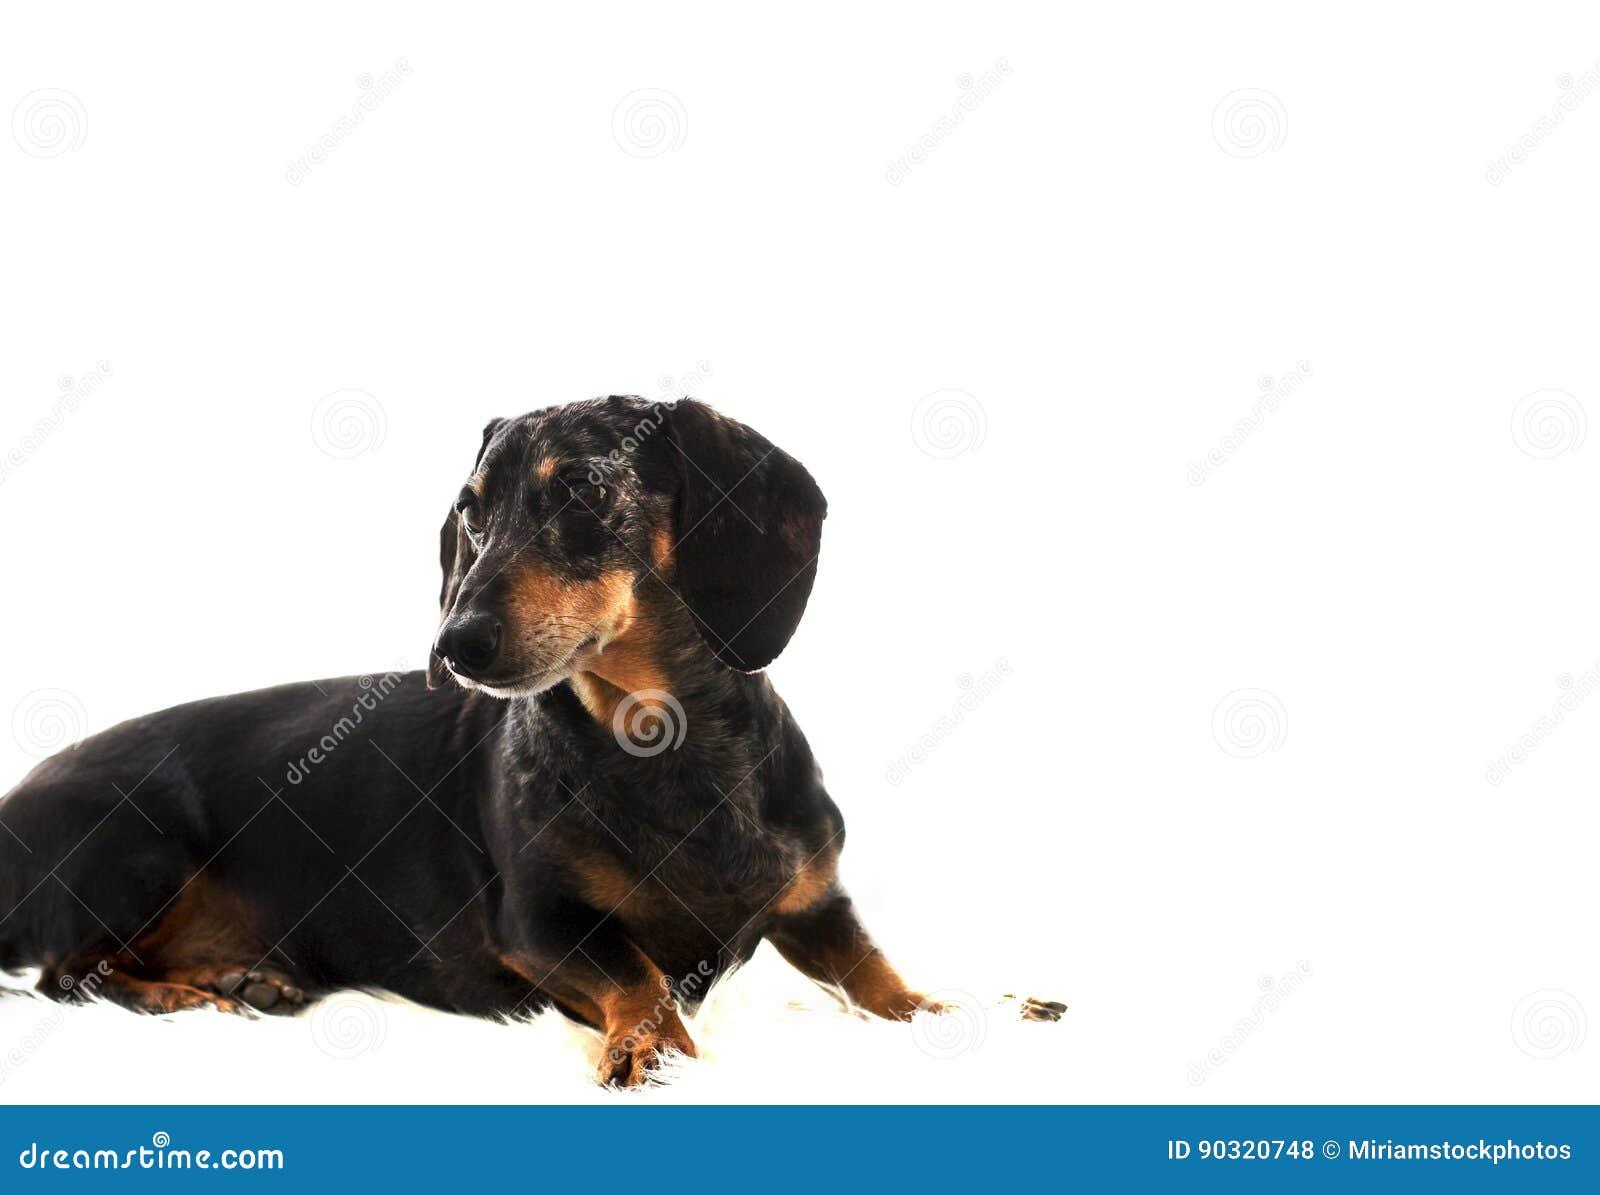 Zwarte en Tan Dapple Dachshund met Witte Achtergrond